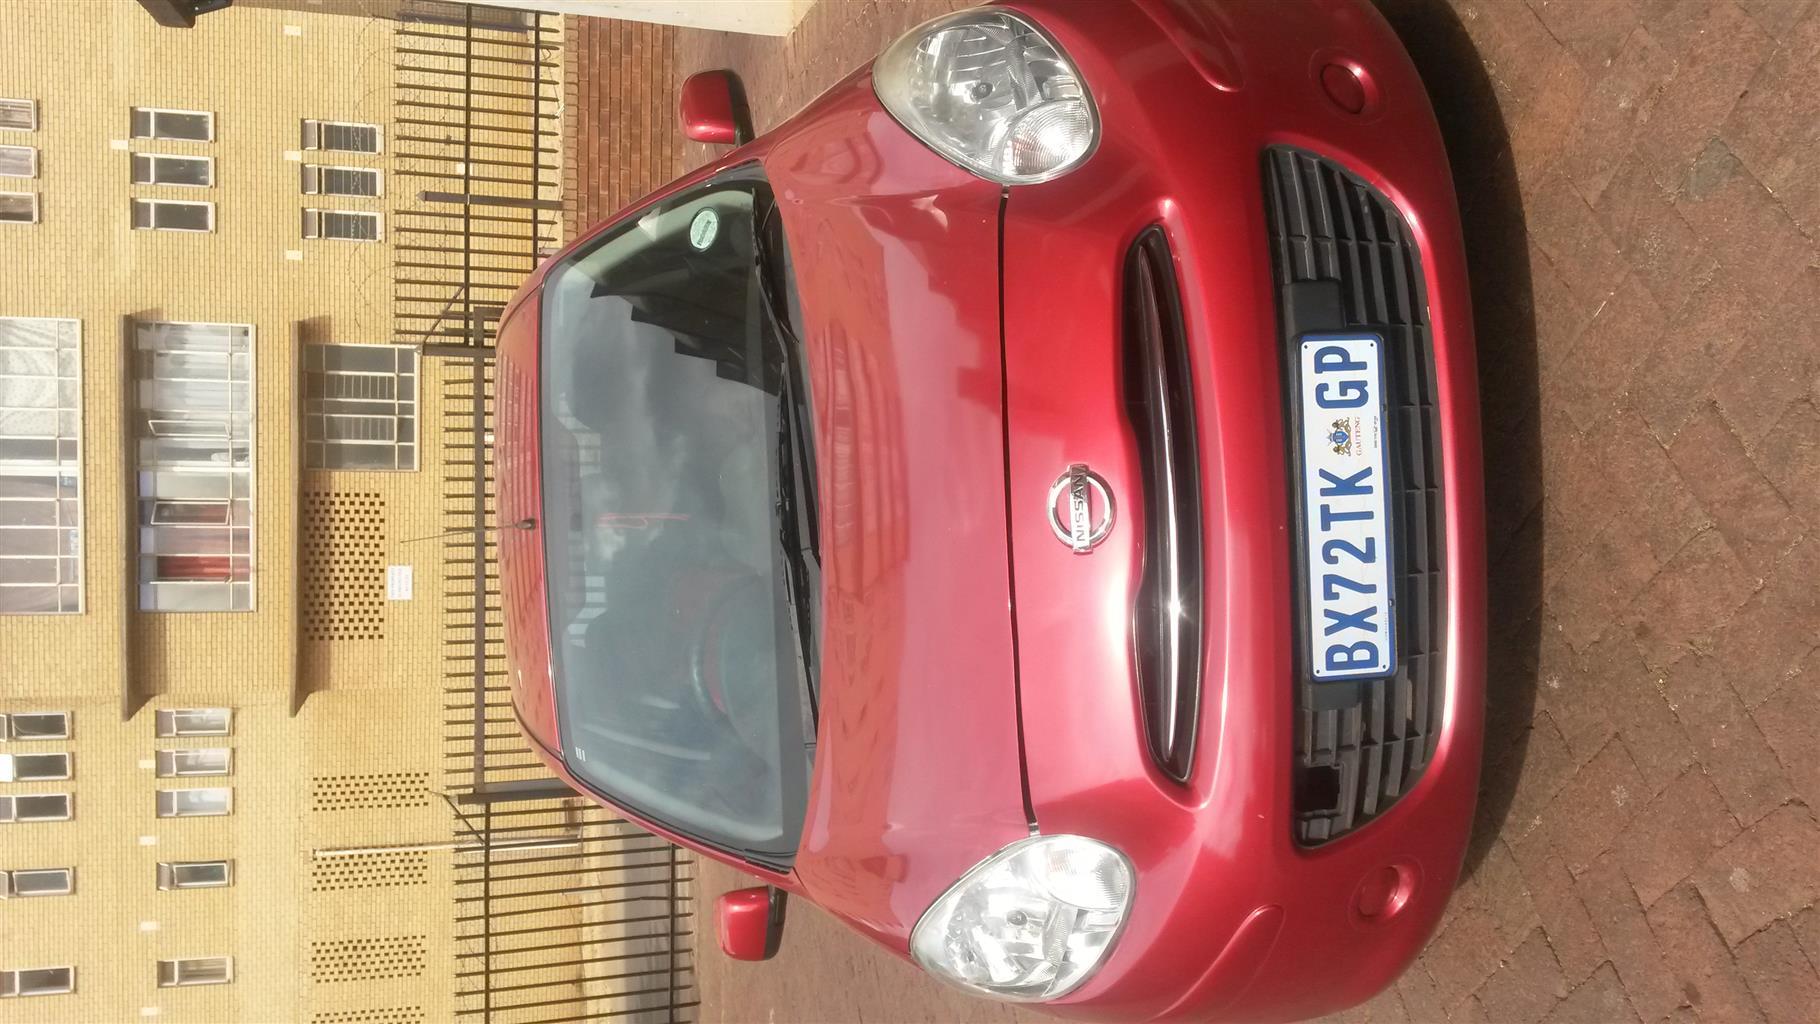 2012 Nissan Micra 1.4 5 door Comfort